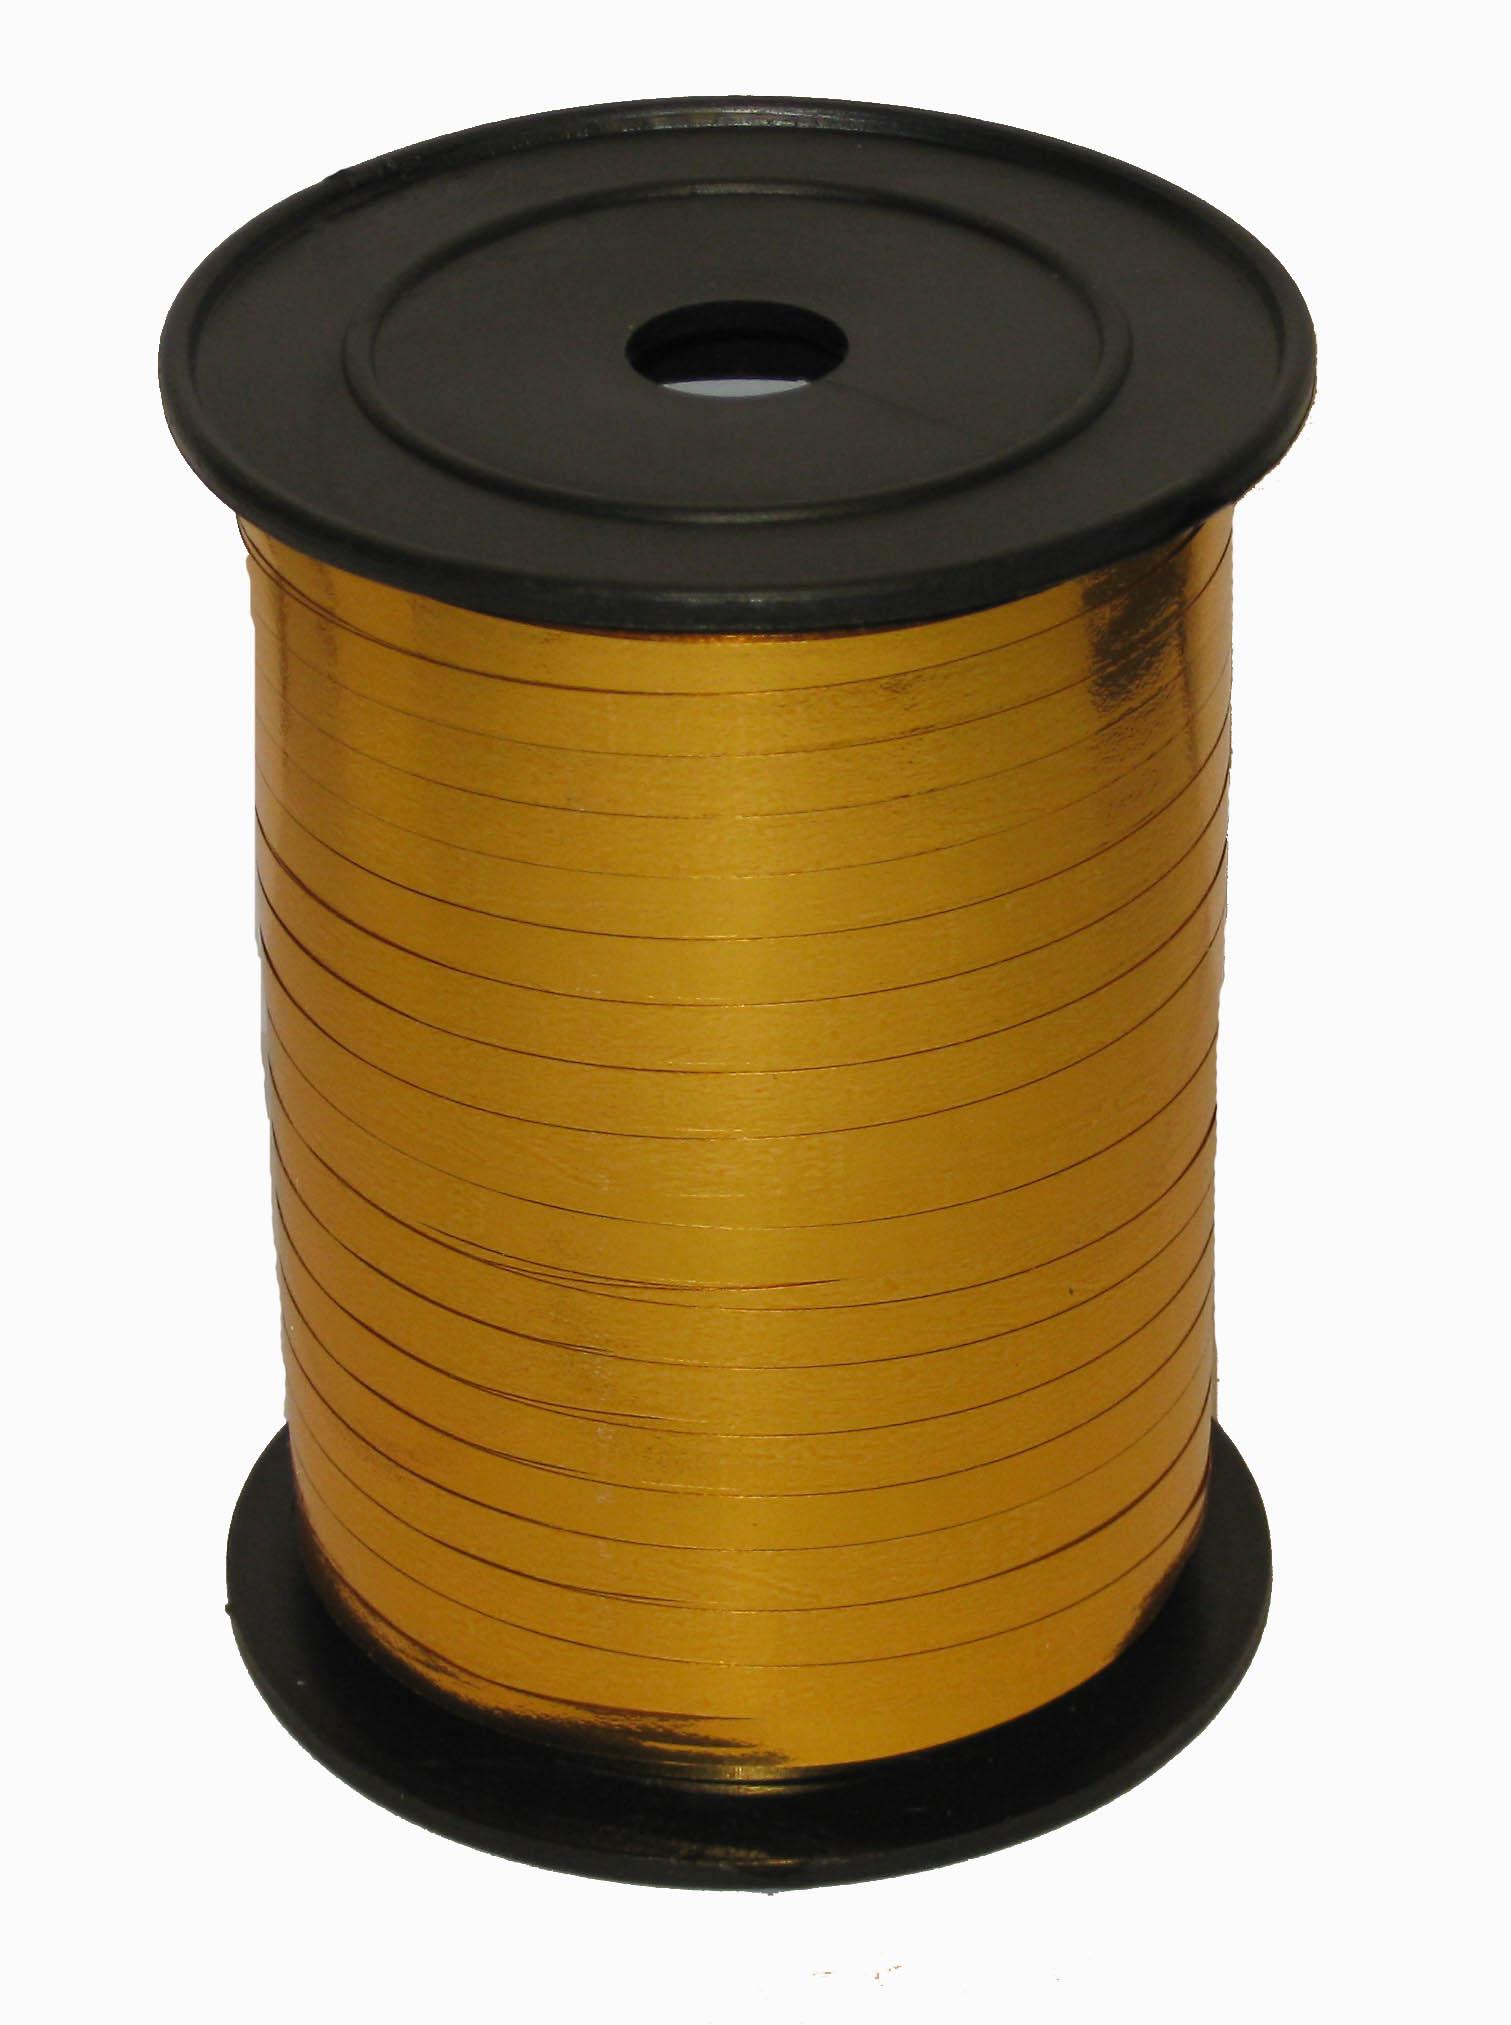 Лента Золото металл, бобина 0,5 см / 250 м / Россия